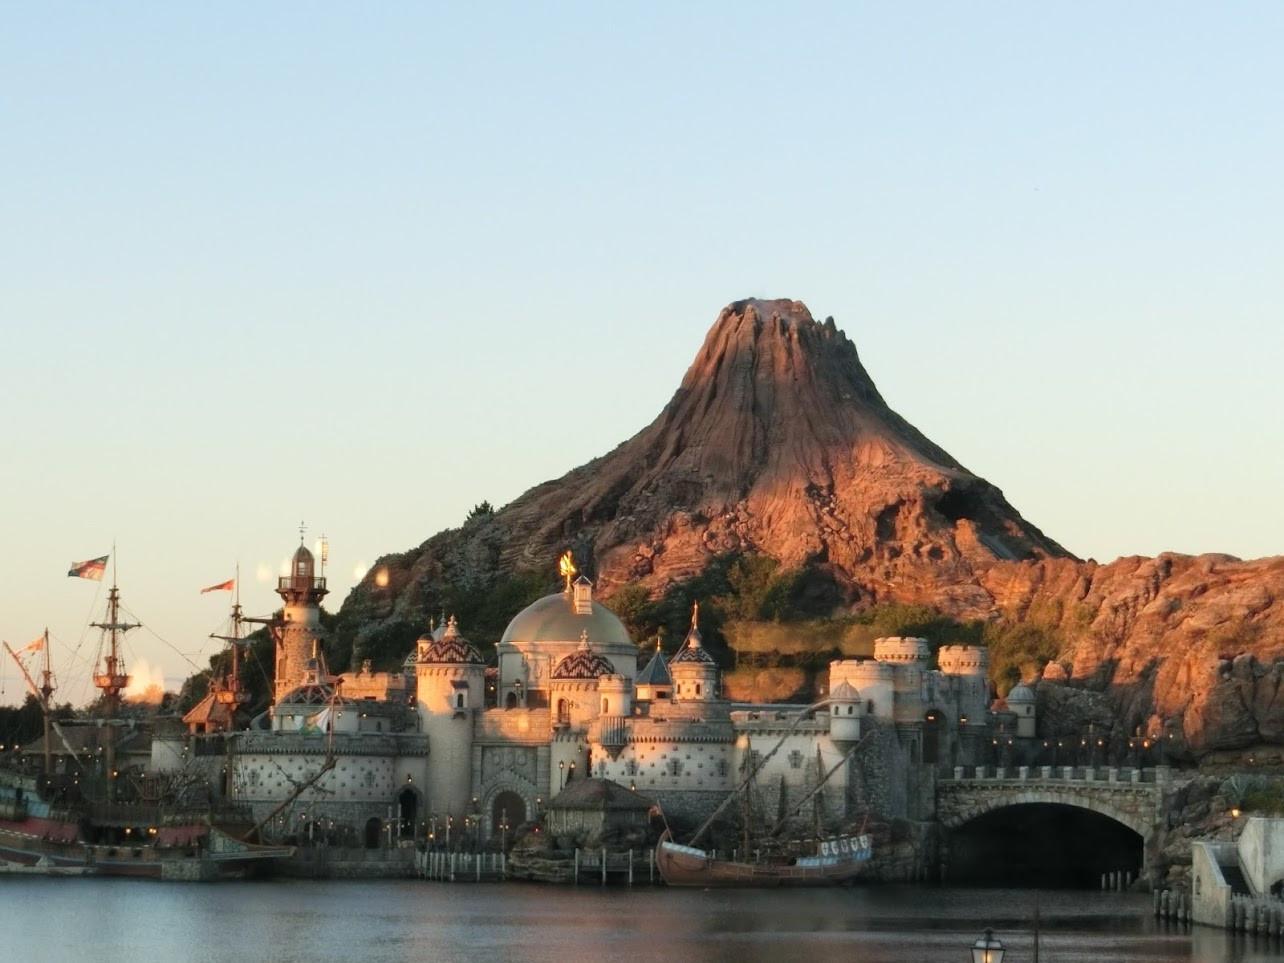 【プロメテウス火山】噴火にミッキーが?仕組みや構造、モデルは?ディズニーシーの火山